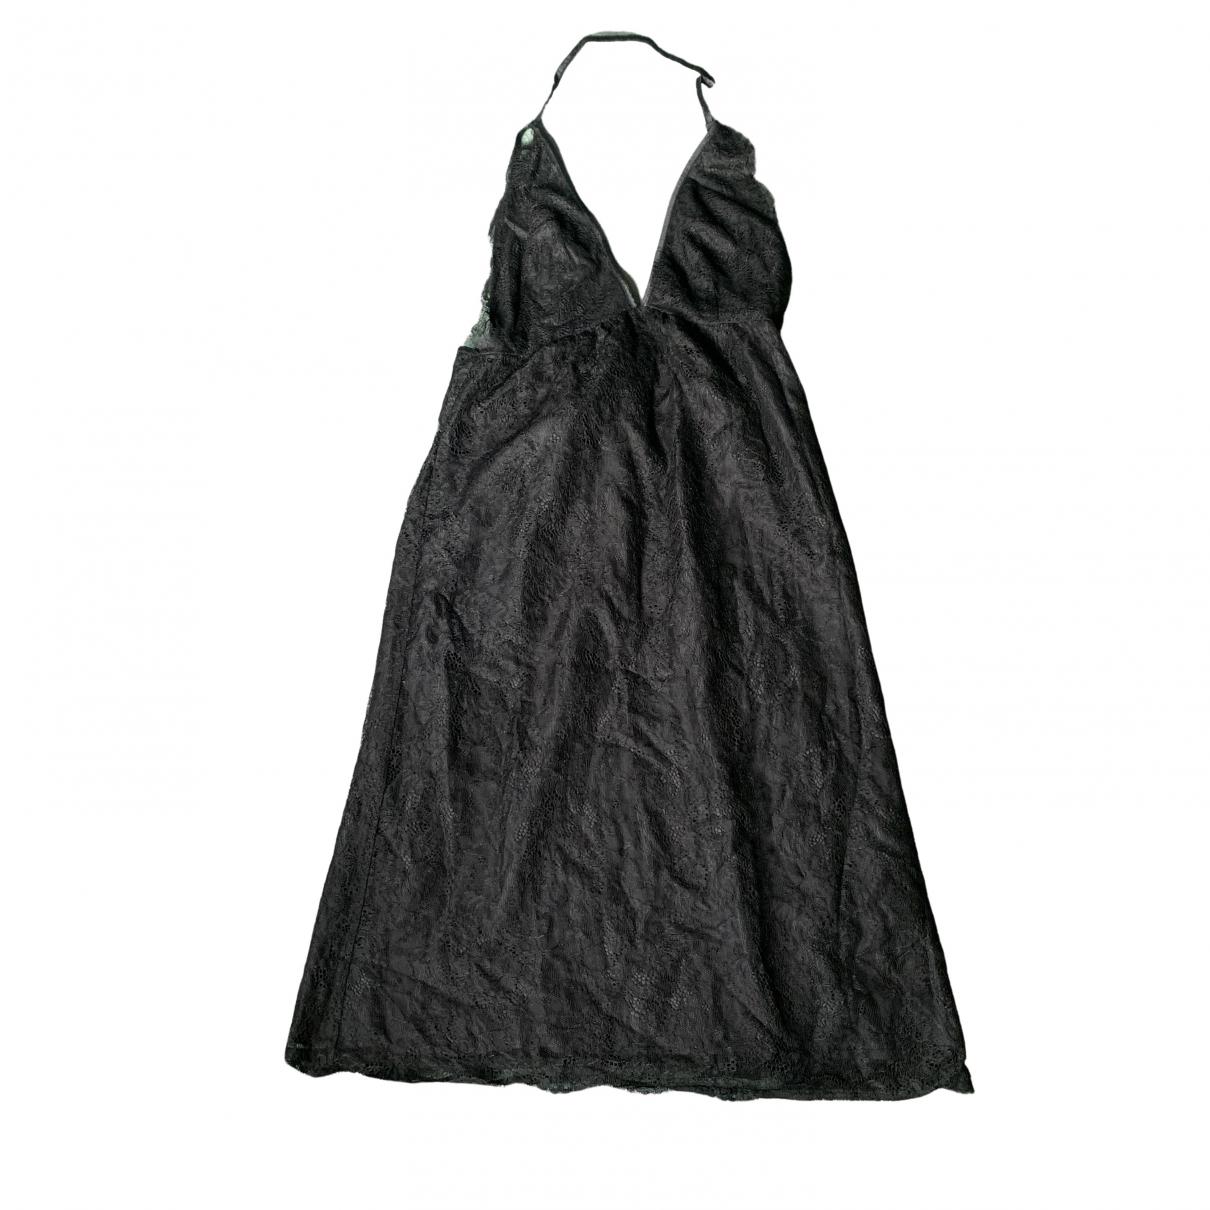 Ann-sofie Back \N Black dress for Women 10 UK